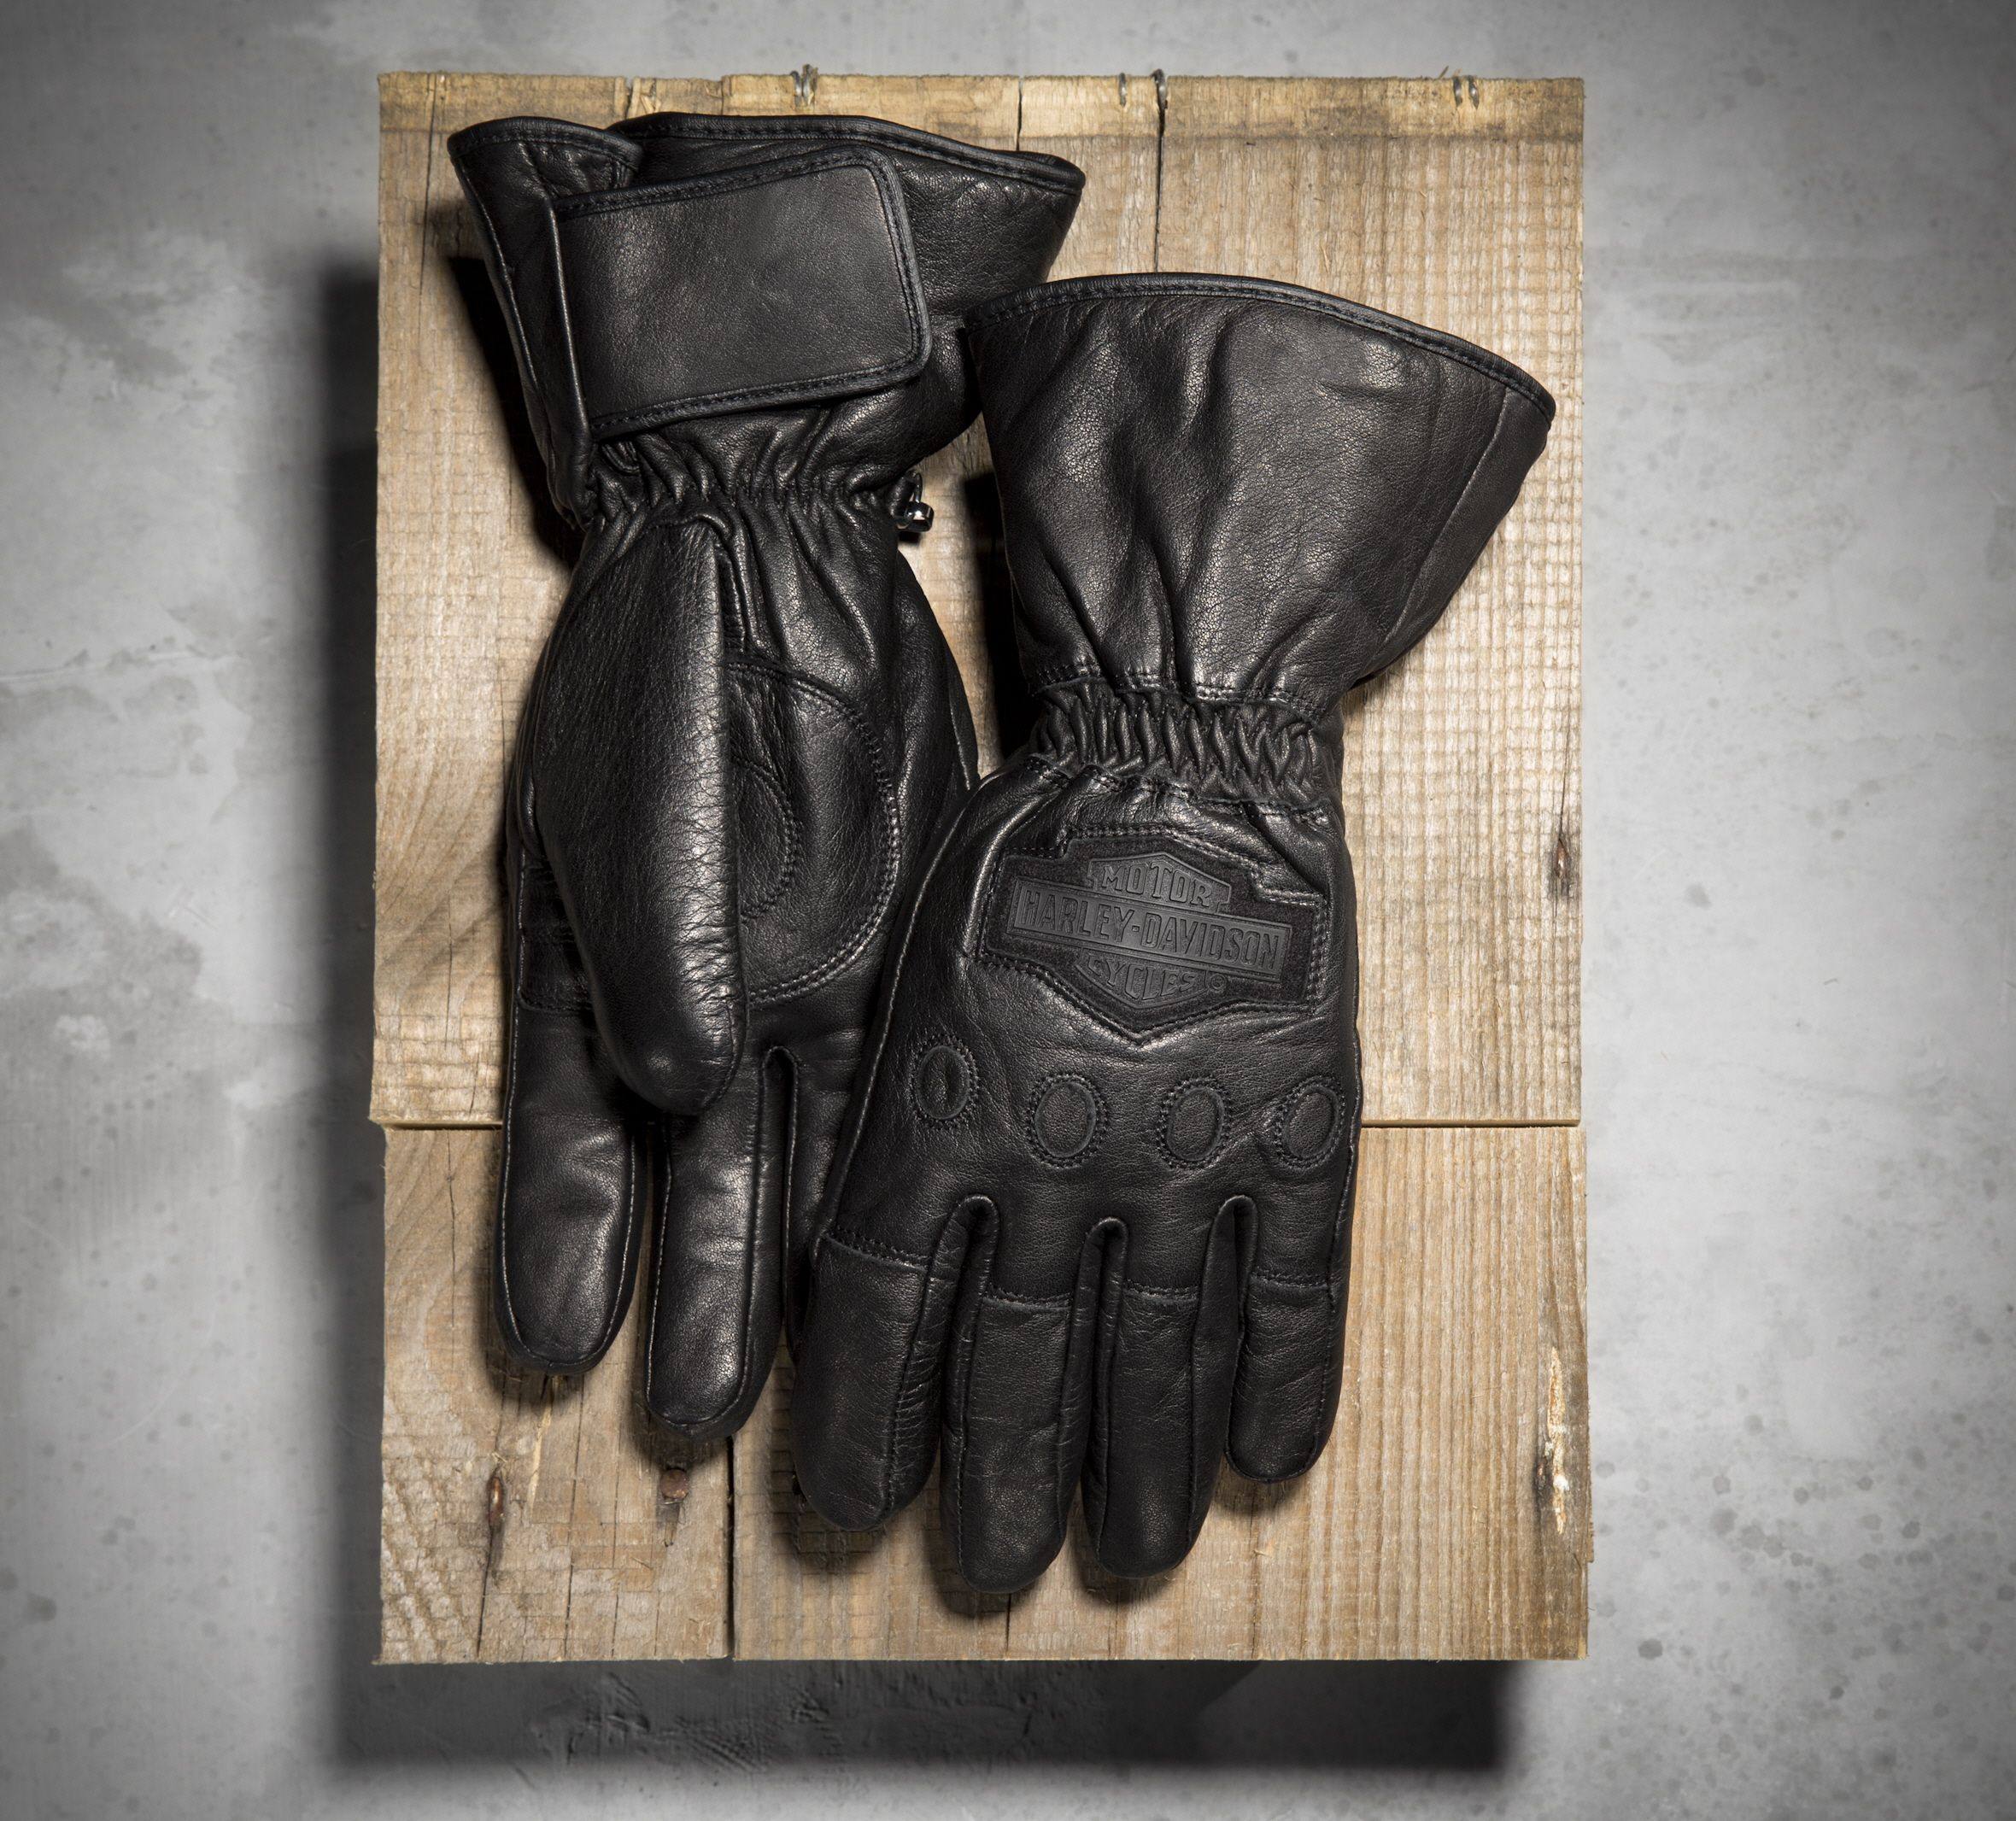 Leather gauntlet driving gloves - Harley Davidson Men S Windshielder Gauntlet Gloves